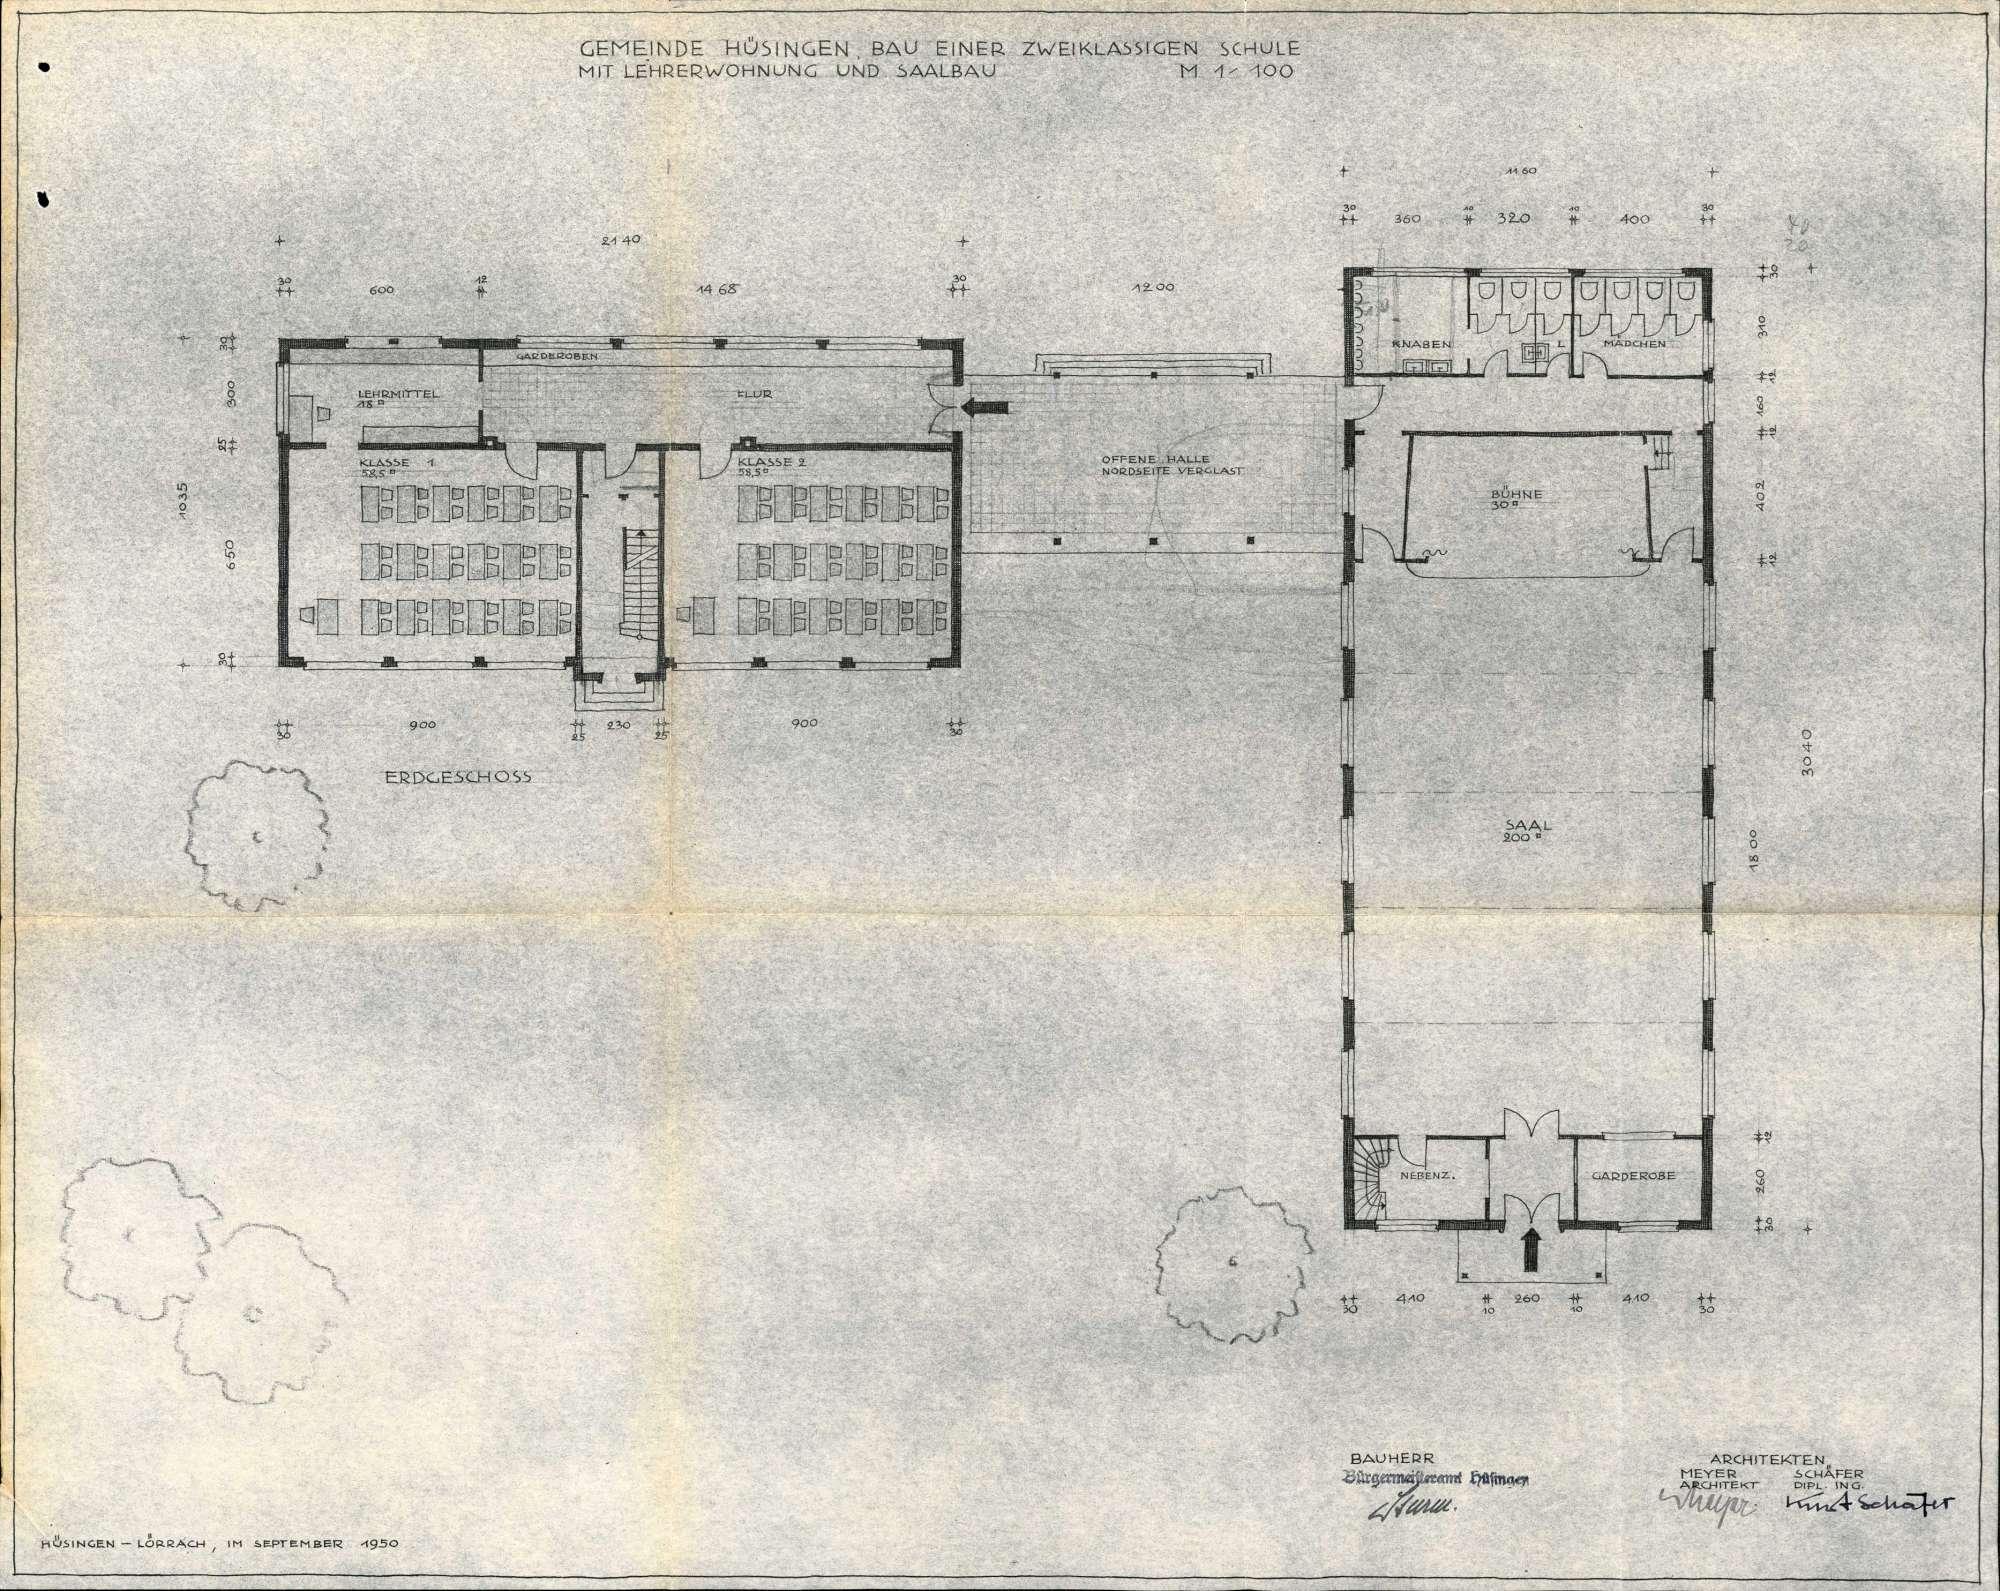 Erstellung eines Schulhauses und eines Saalgebäudes in der Gemeinde Hüsingen, Bild 3